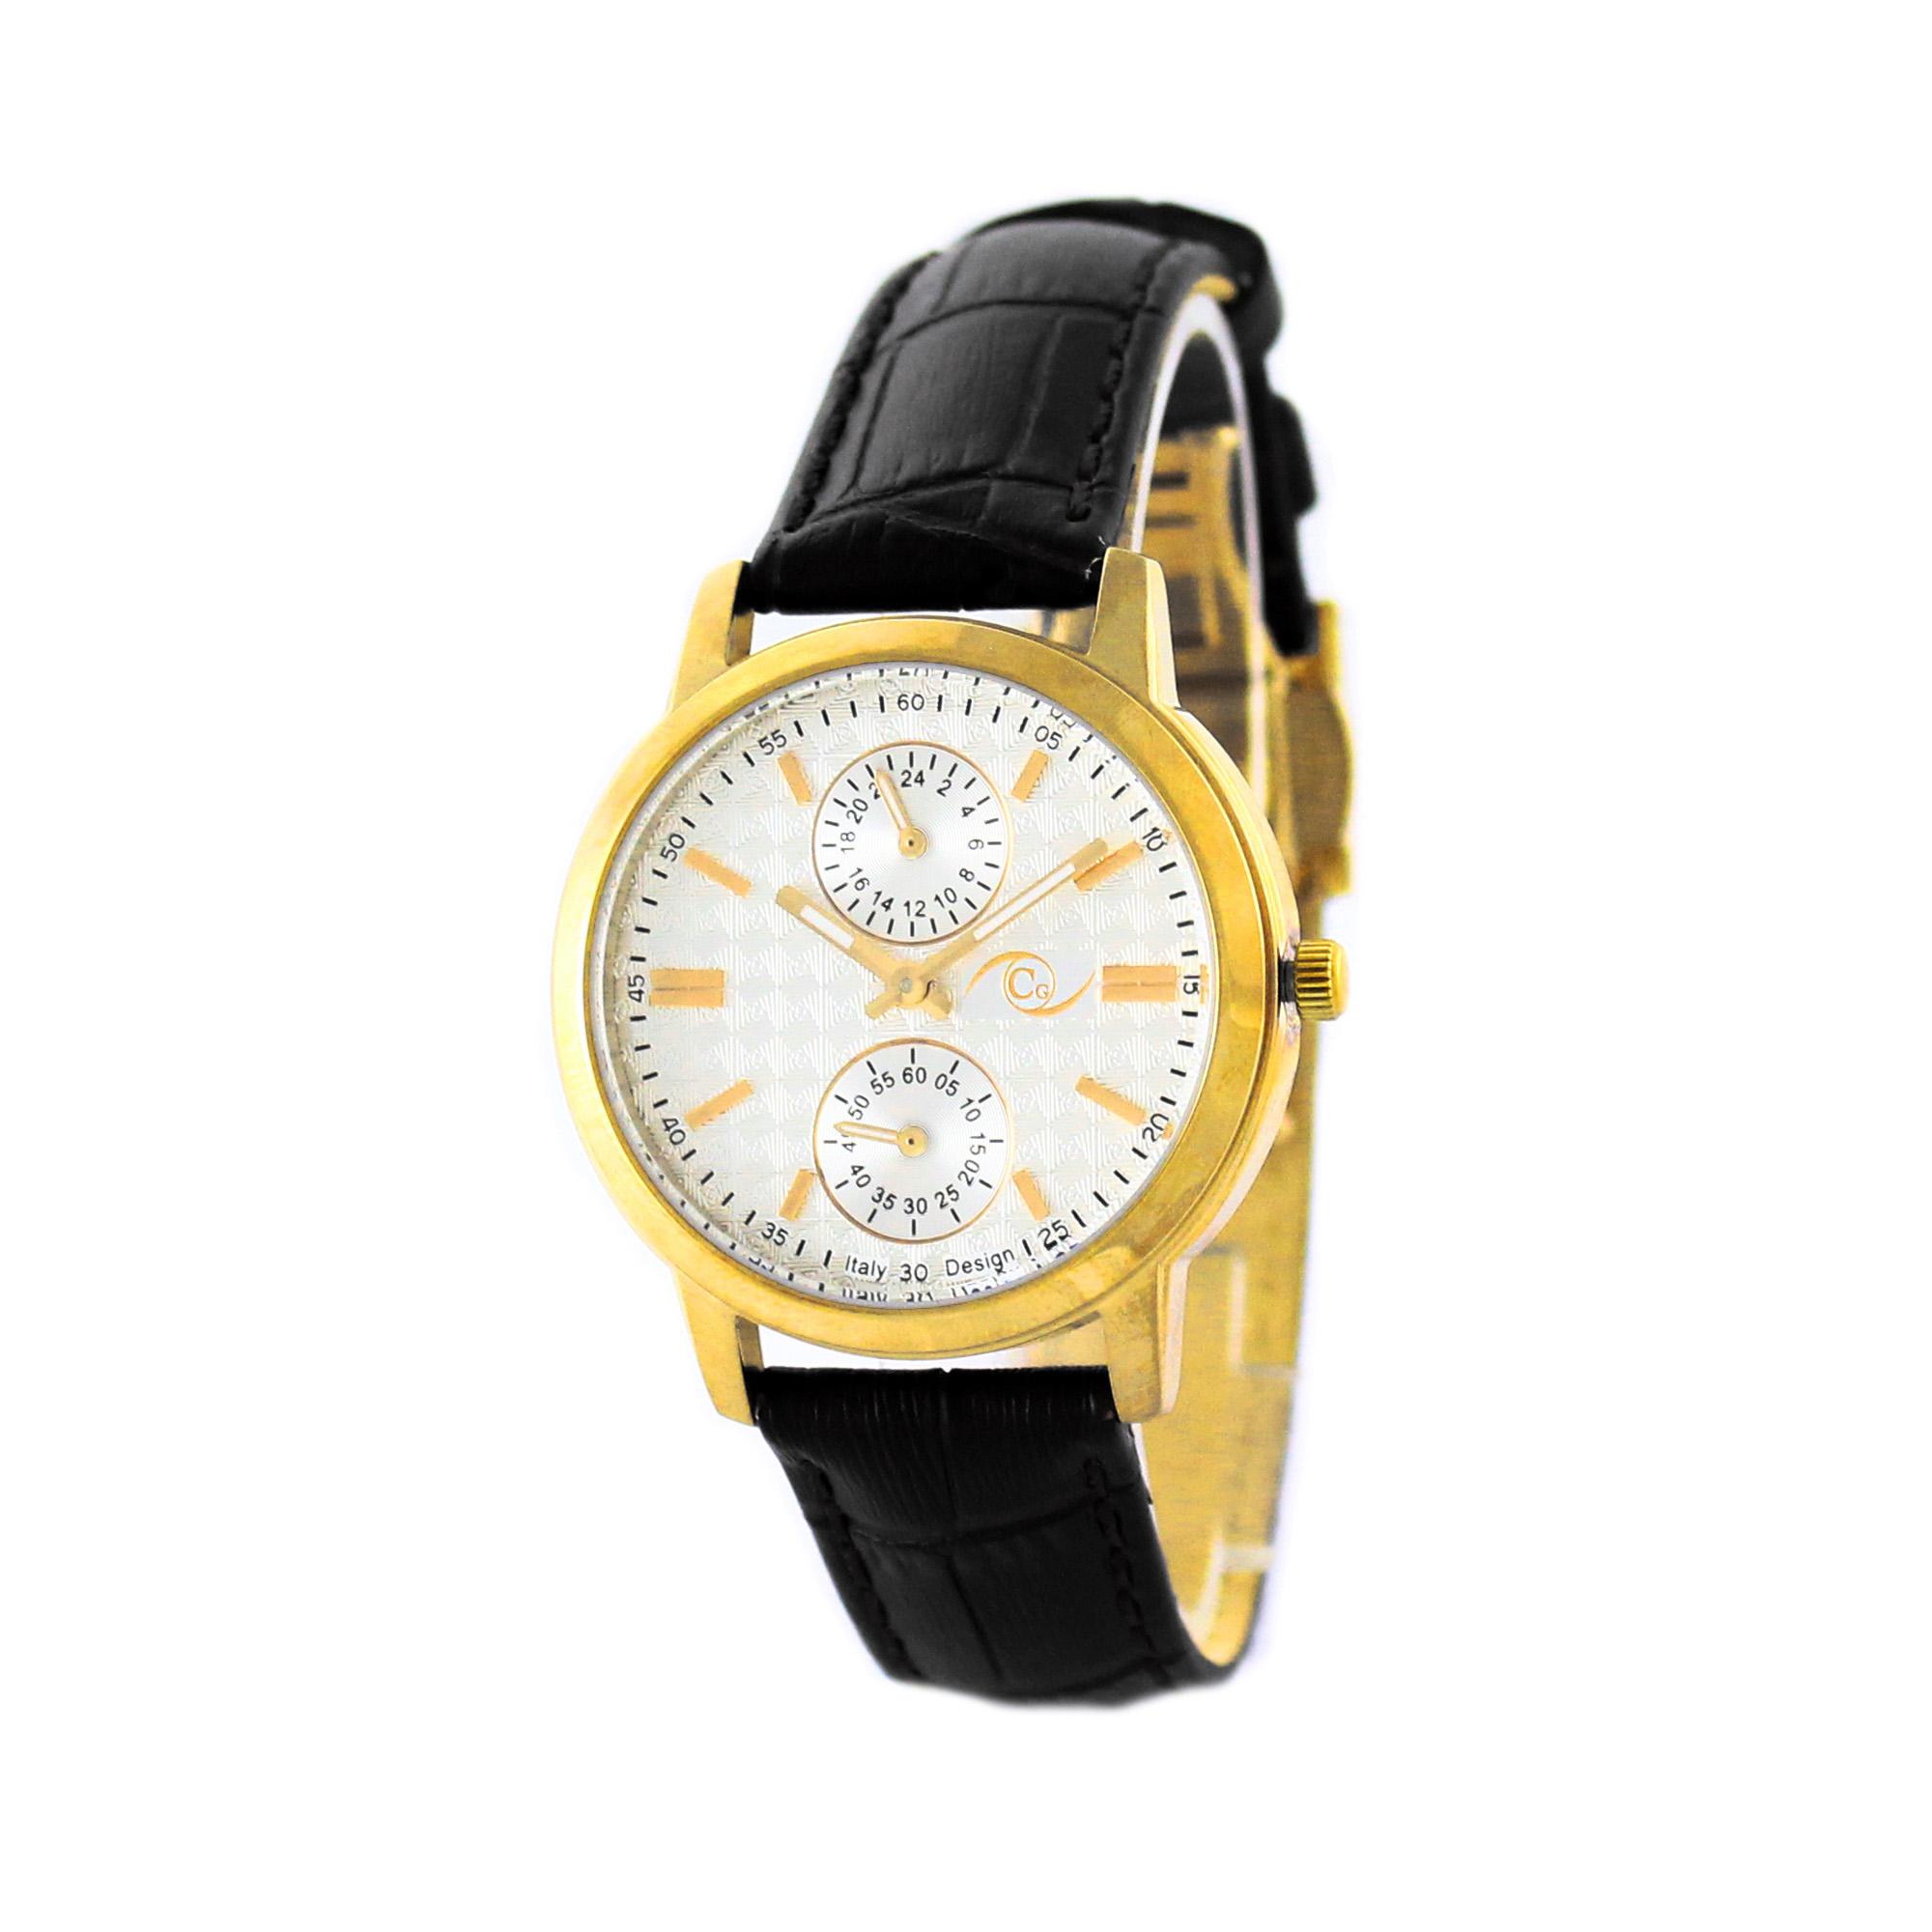 ساعت مچی عقربه ای زنانه کارلو پروجی مدل CG2018-1 24